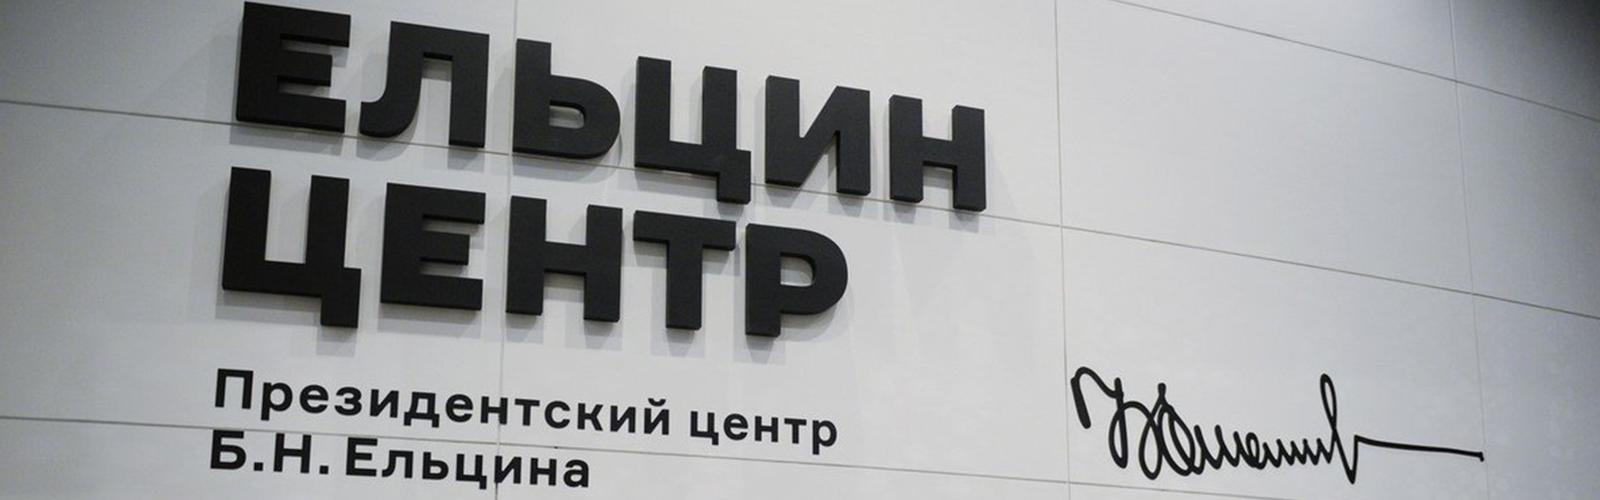 Обзор антироссийских мероприятий в Ельцин Центре в начале 2020 года